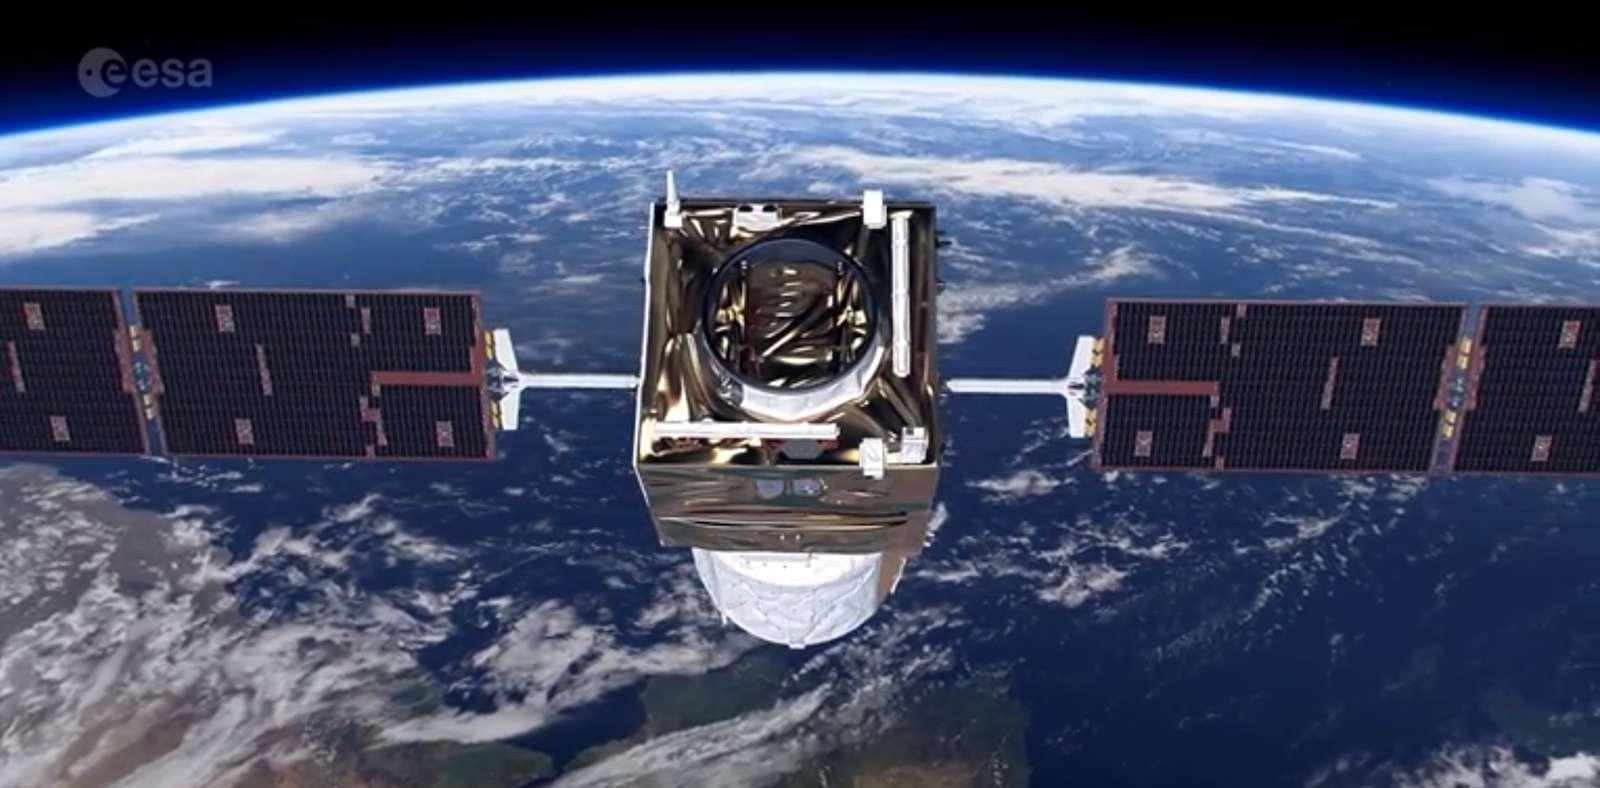 Le satellite Aeolus a dû effectuer une manœuvre d'évitement en raison d'un risque de collision avec un autre satellite de la constellation Starlink. © ESA